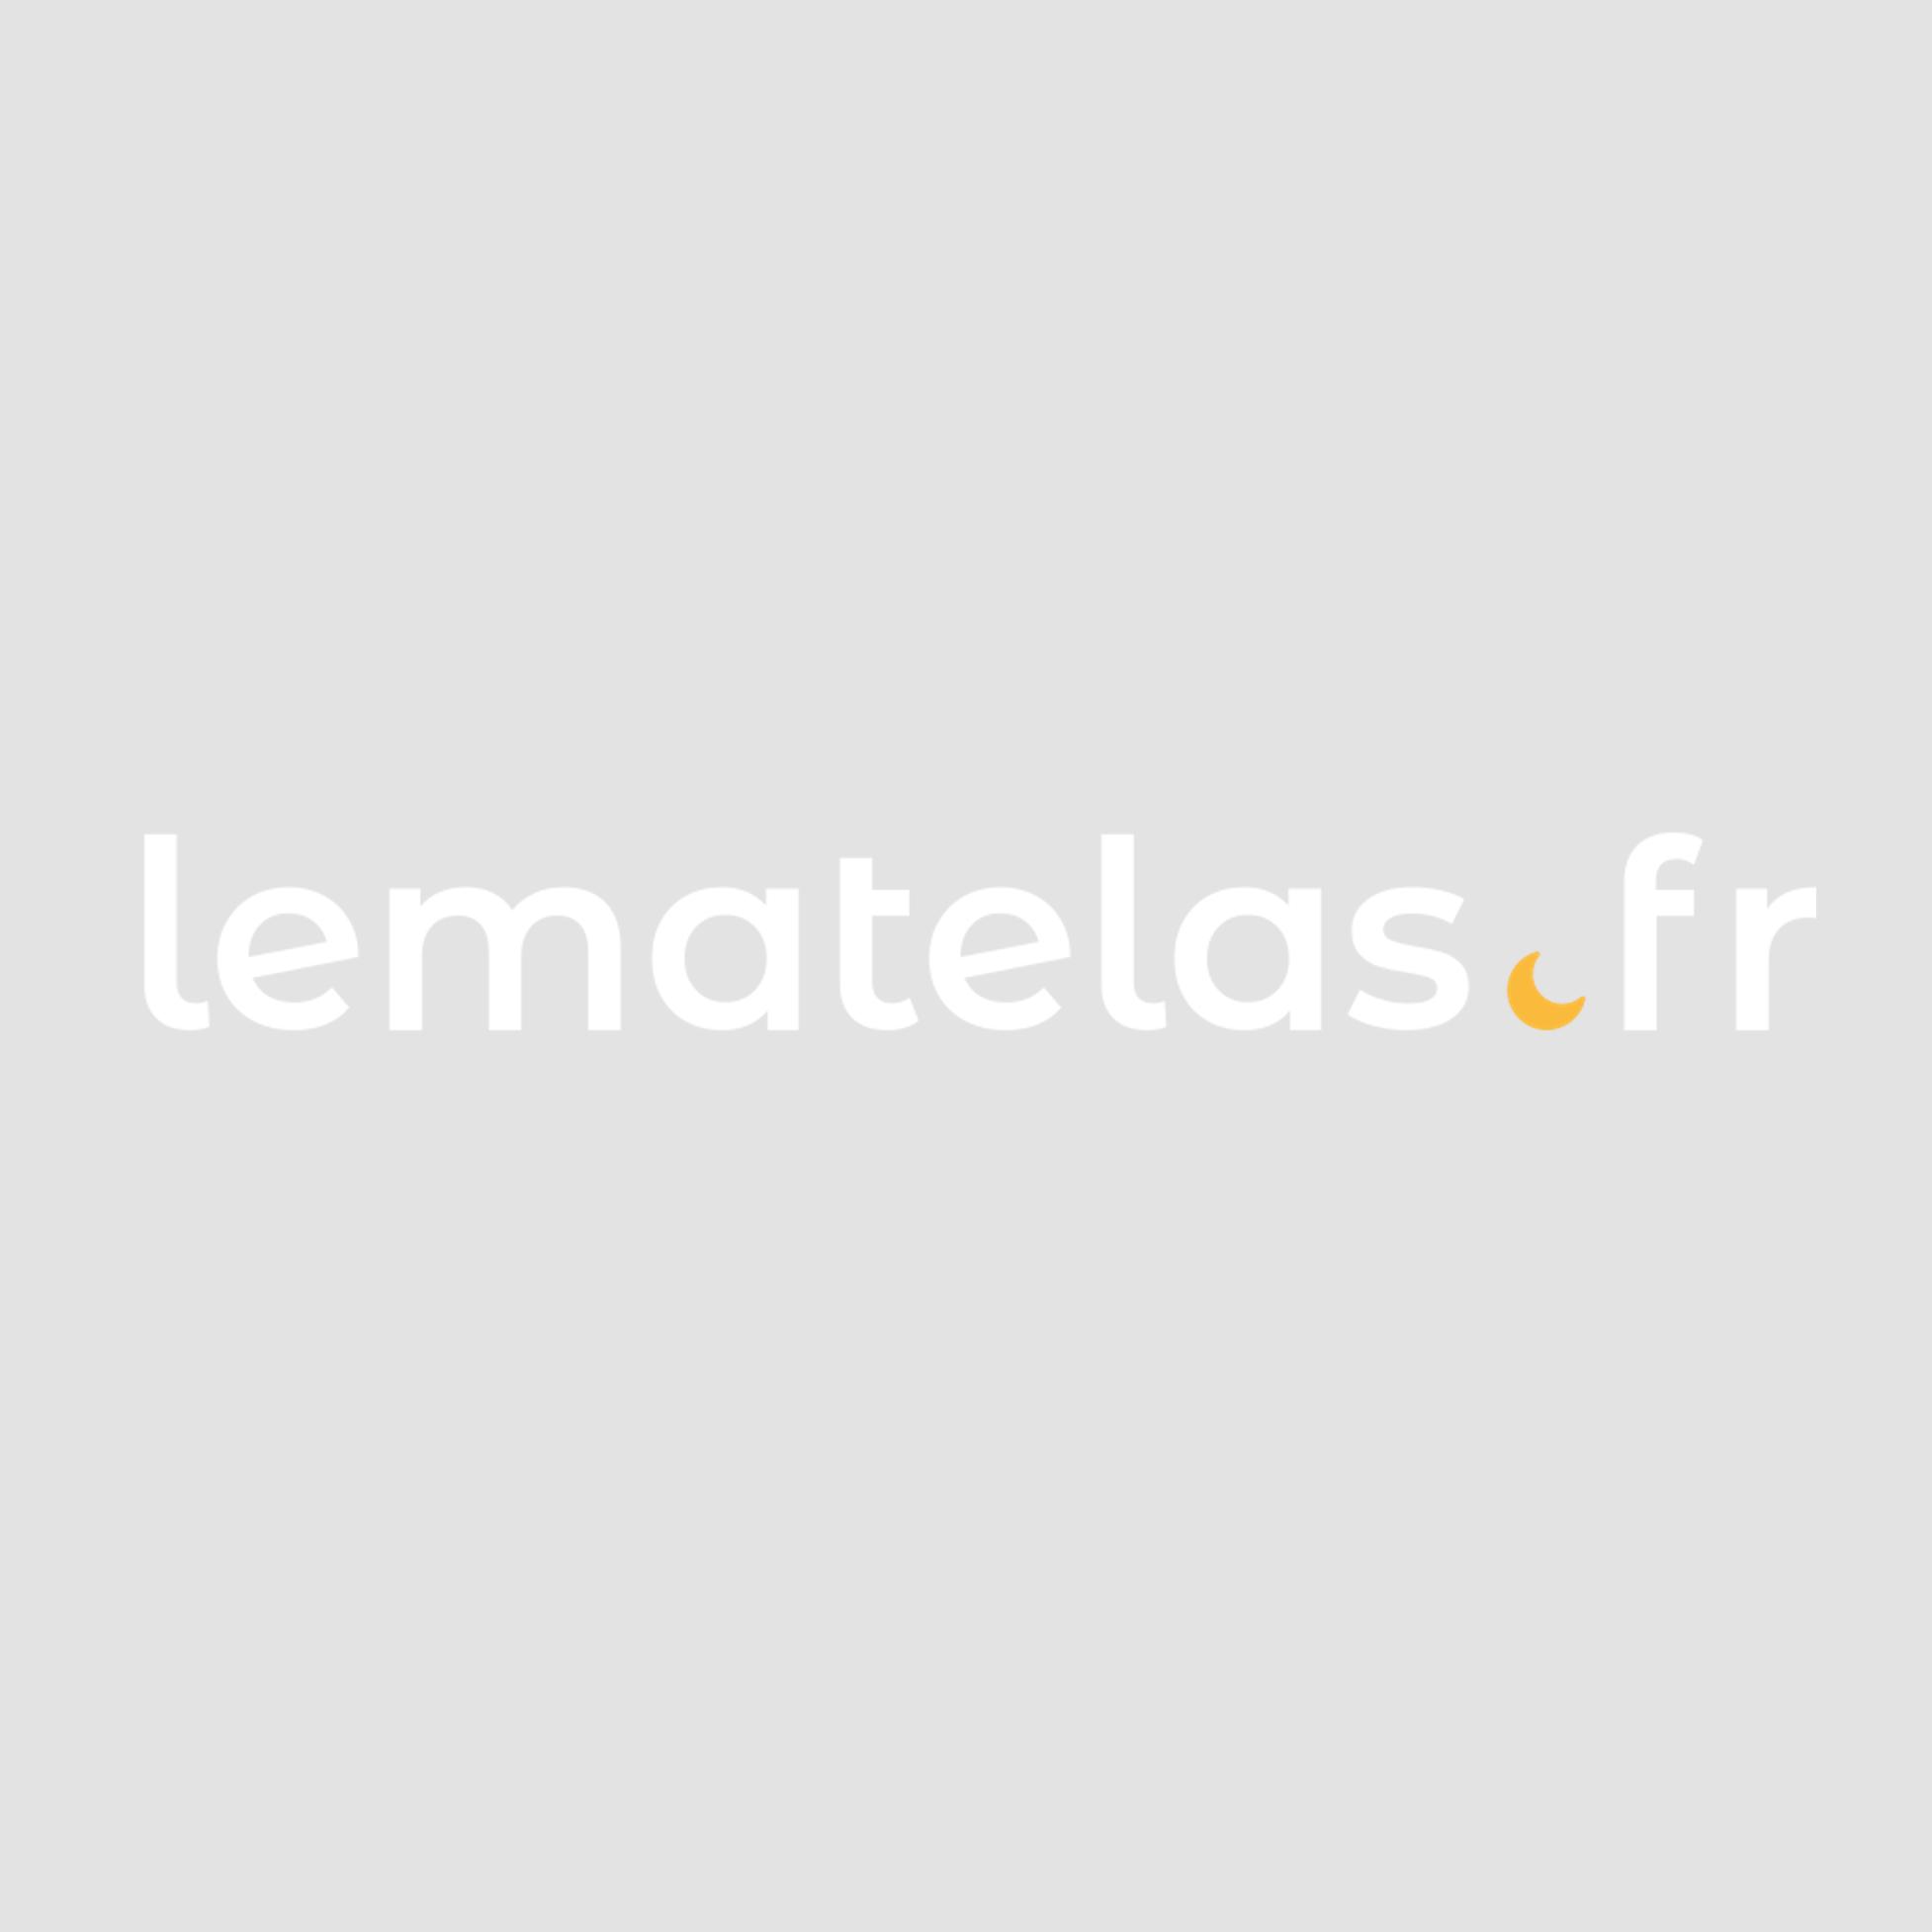 Chambre complète en bois imitation châtaignier naturel - CB5014-1